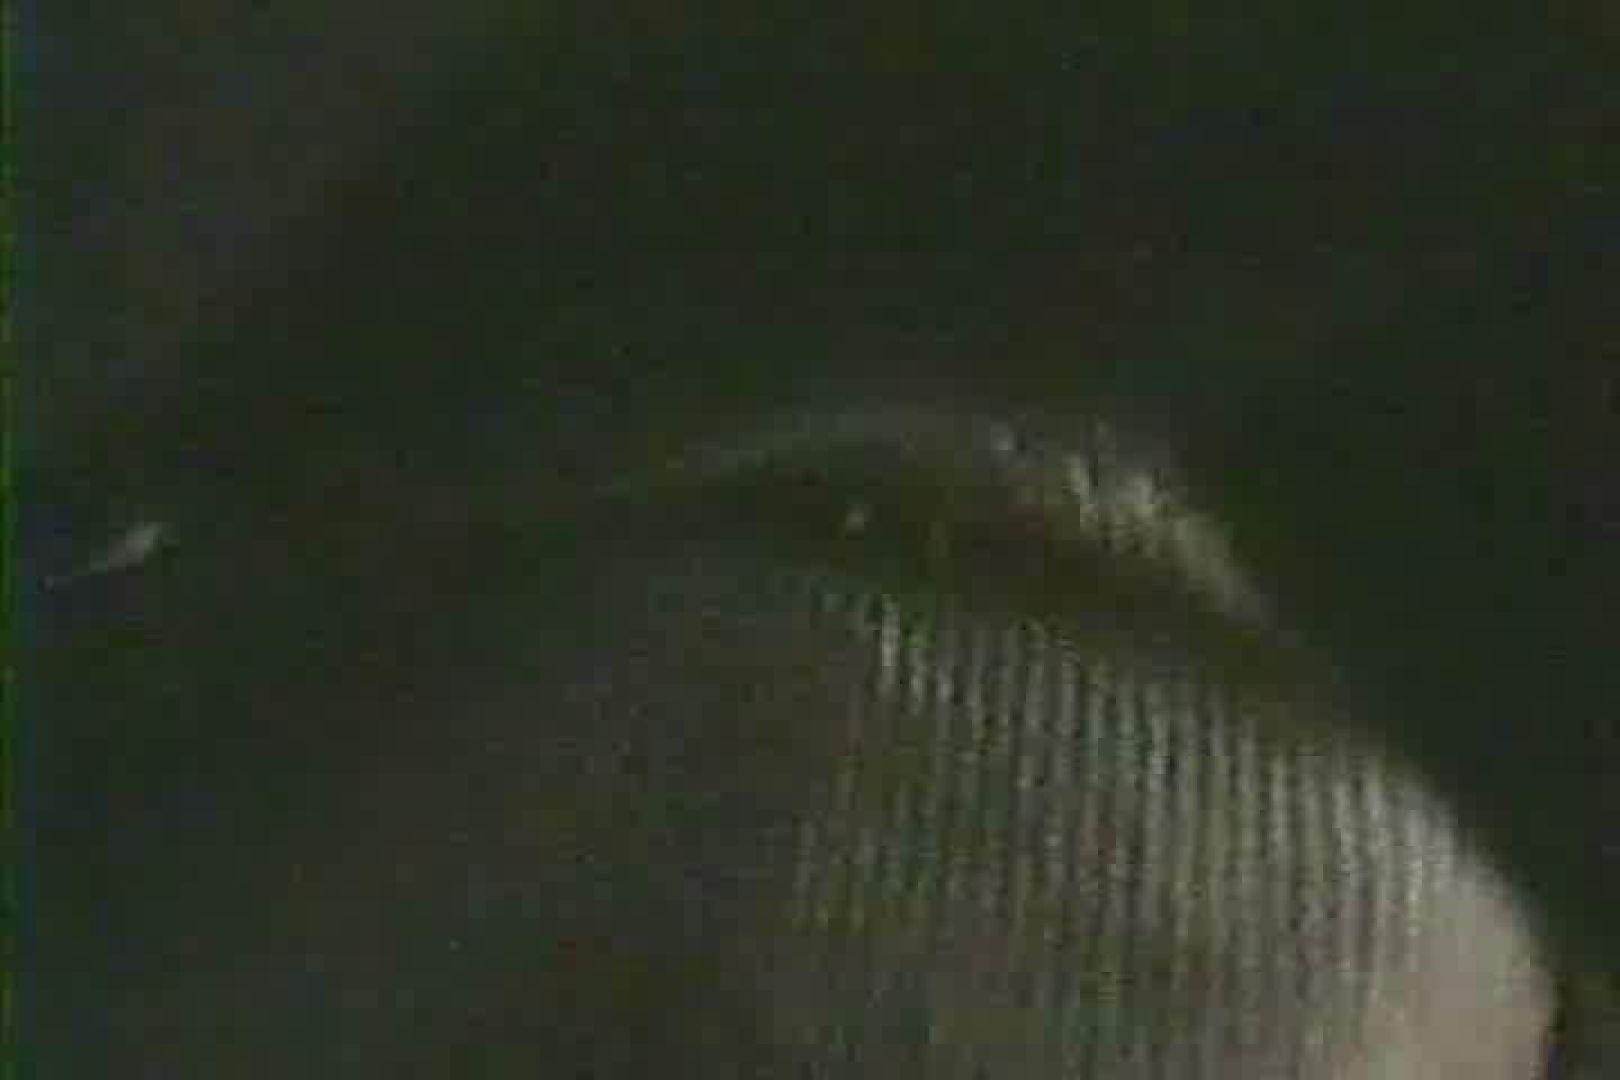 「ちくりん」さんのオリジナル未編集パンチラVol.9_02 チラ   パンチラのぞき  95画像 61